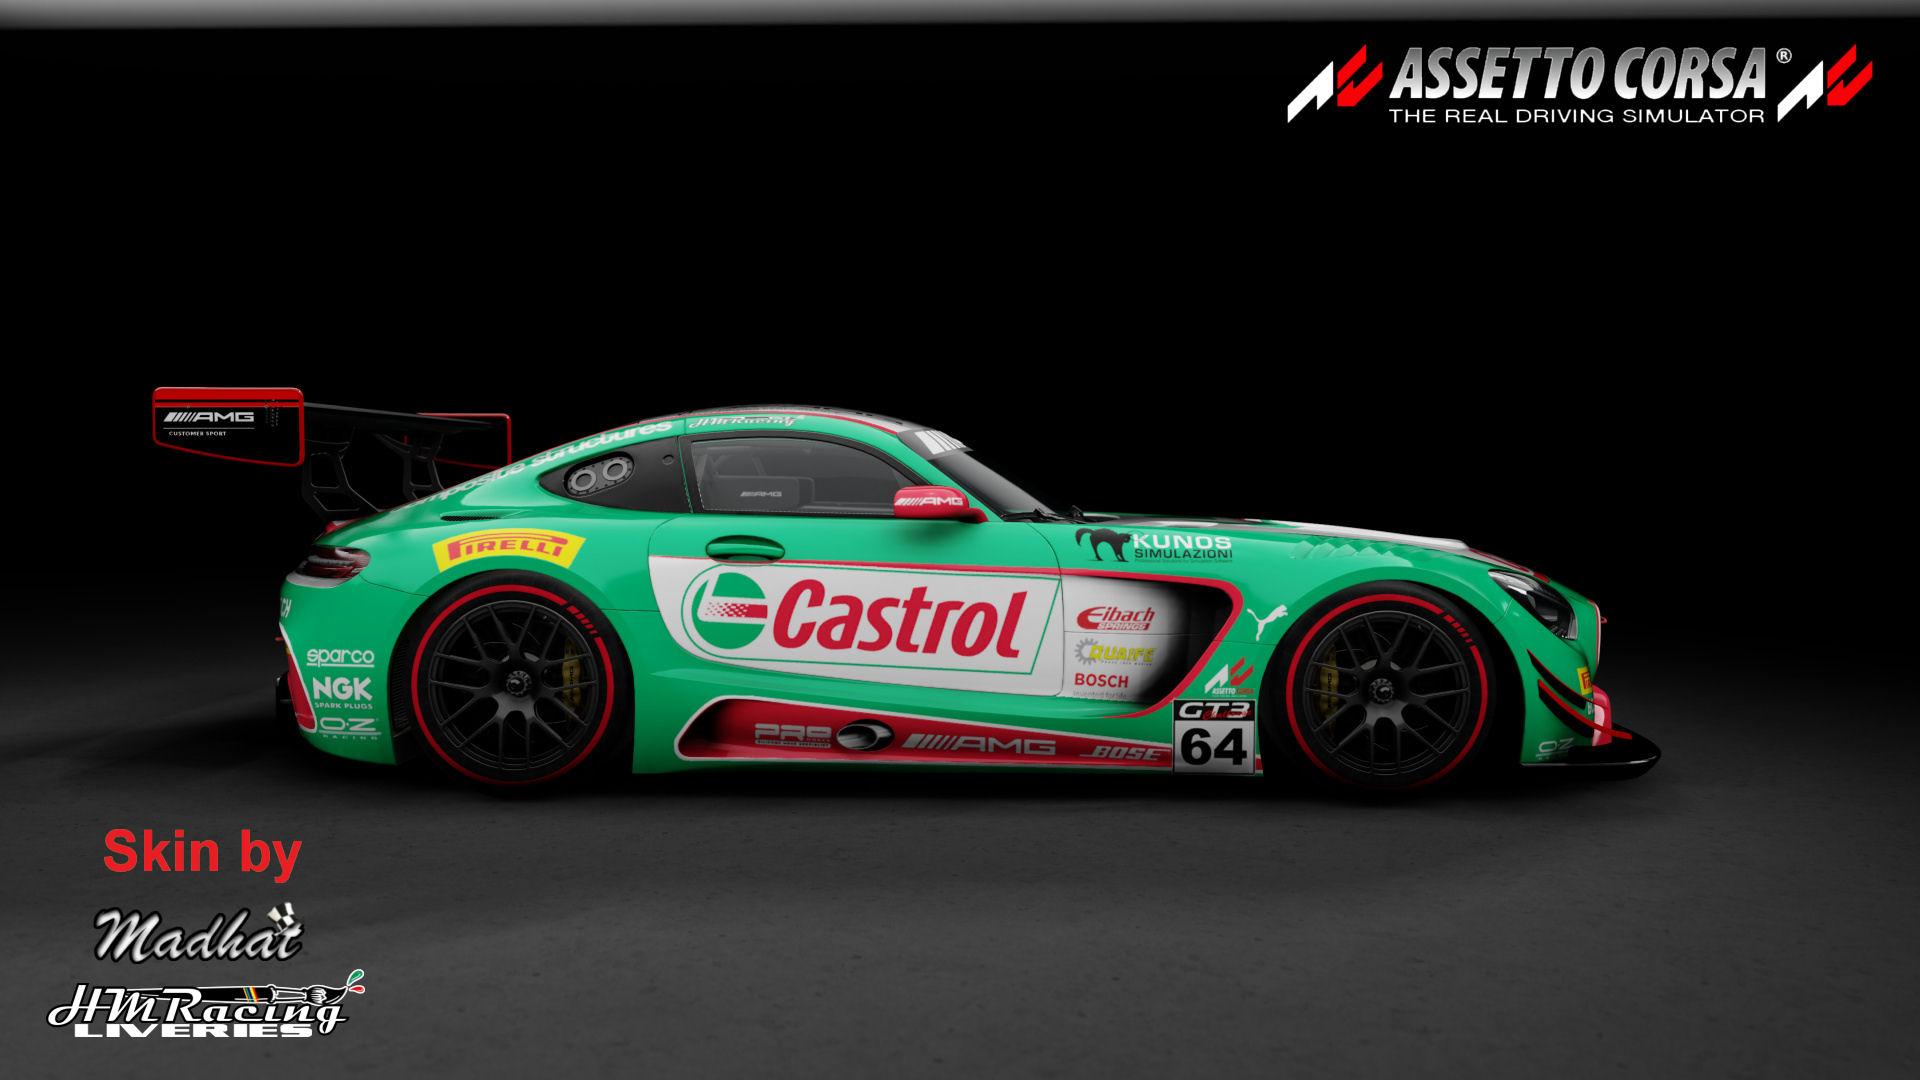 Mercedes AMG GT3 Castrol 03.jpg